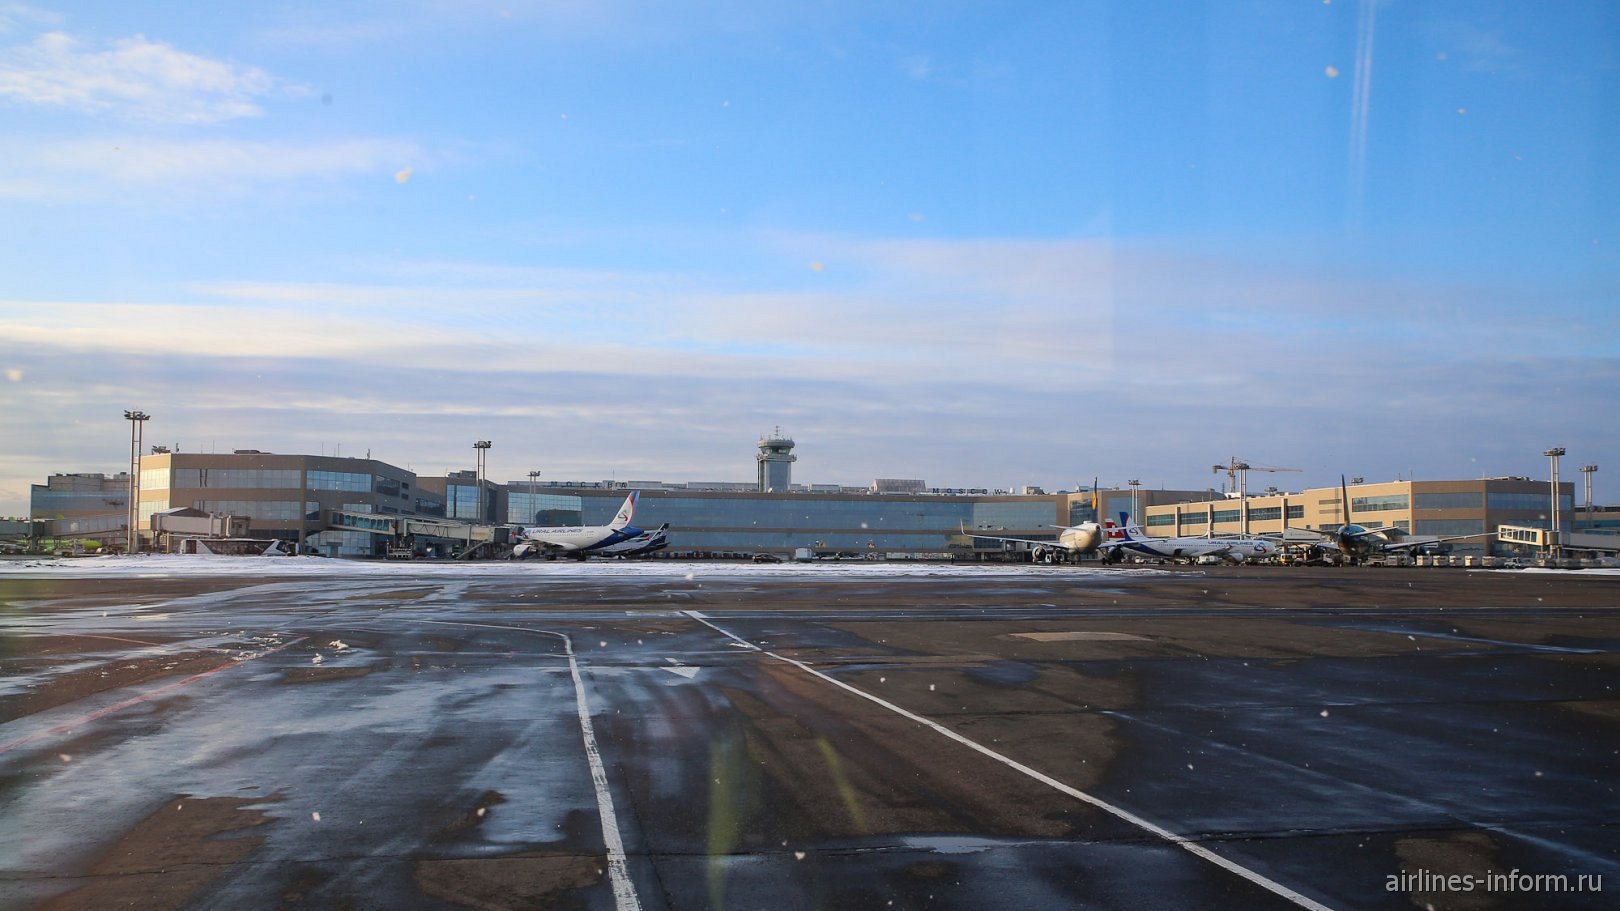 Аэровокзальный комплекс аэропорта Москва Домодедово